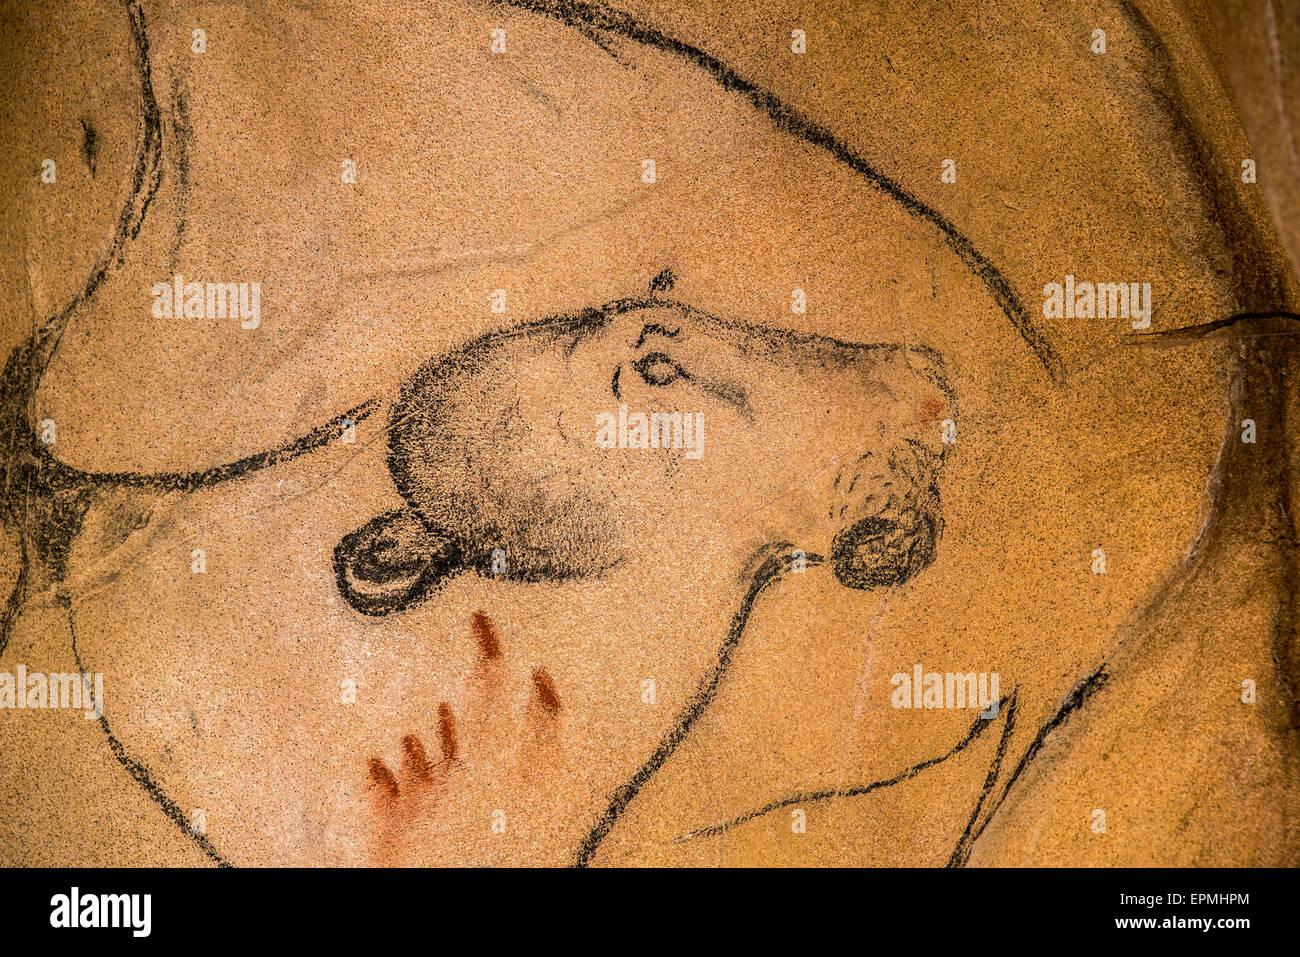 Réplique de peintures rupestres préhistoriques de la grotte Chauvet, Grotte Chauvet-Pont-d'Arc, Ardèche, France, montrant disparue lion des cavernes Banque D'Images